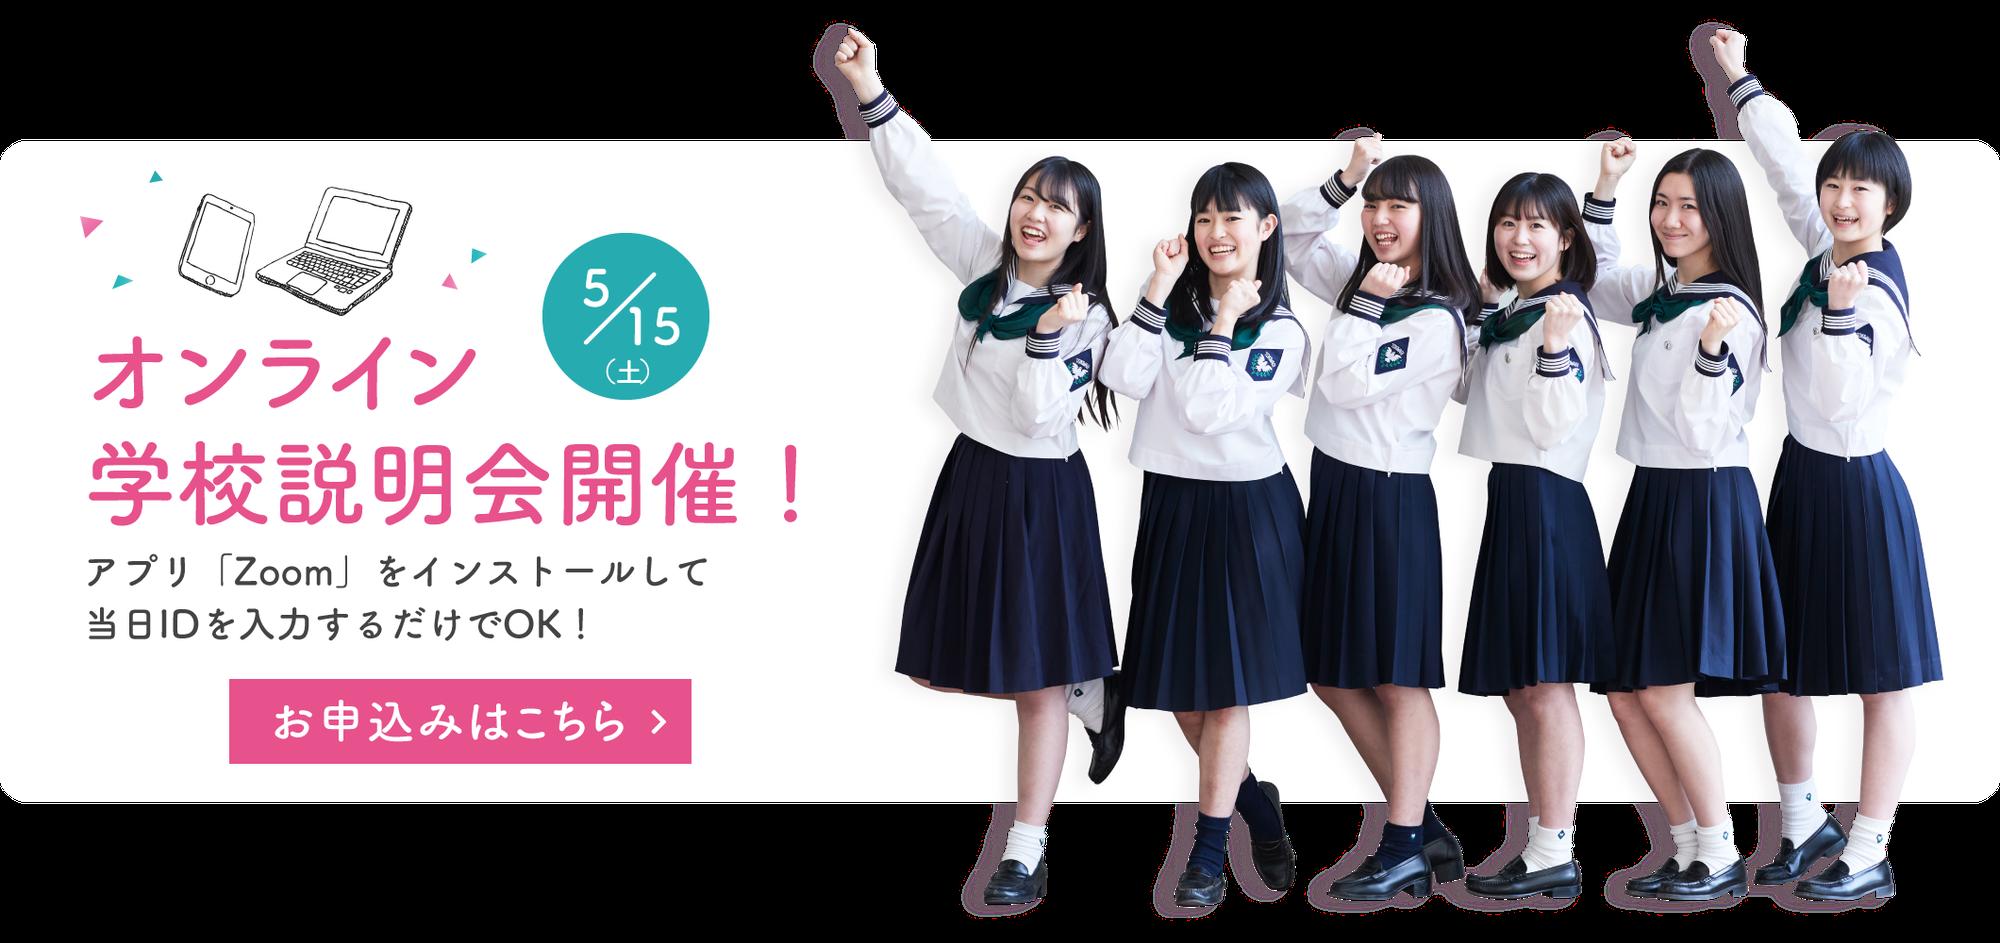 【常盤木学園高校】5/15(土)オンライン学校説明会 開催